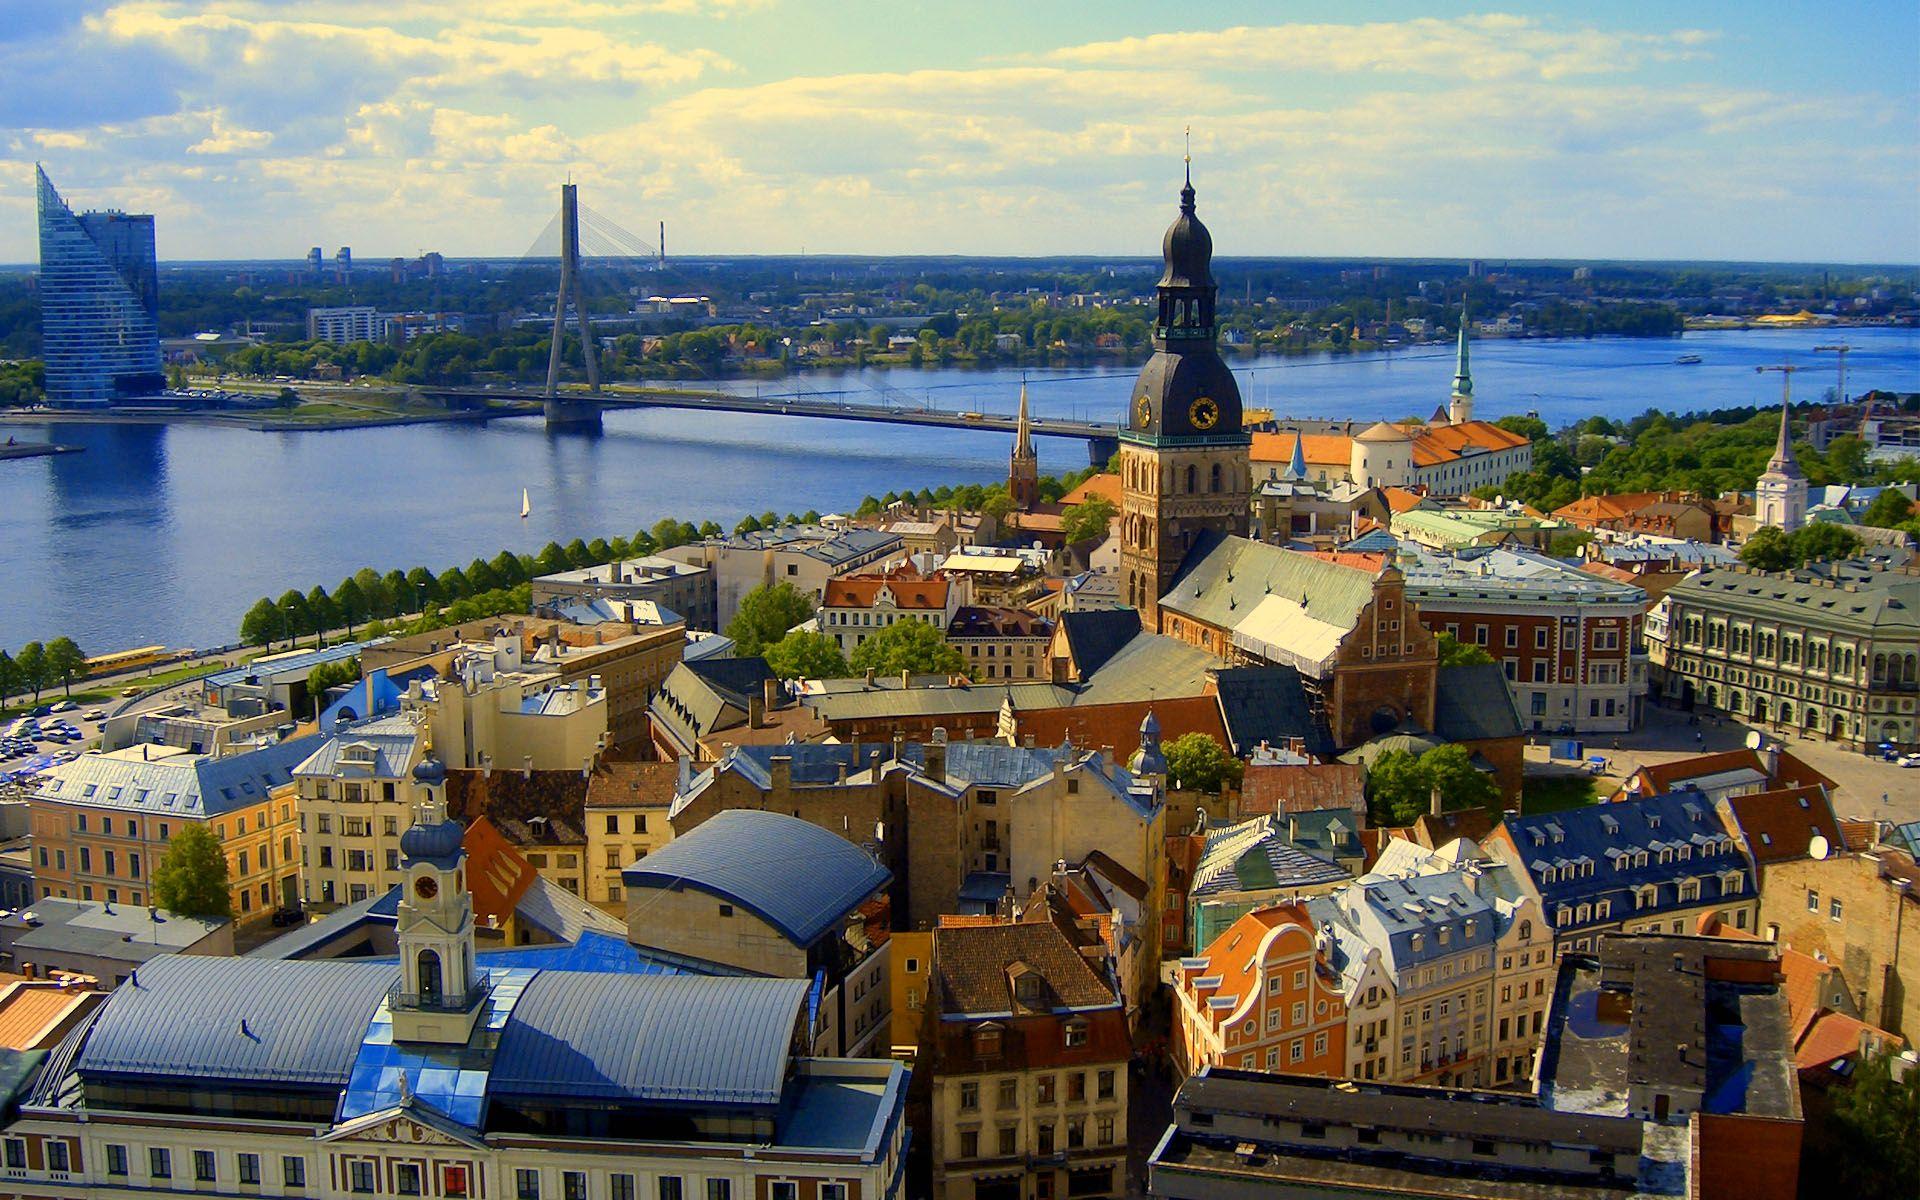 Լիտվան պատրաստ է 2015թ. հունվարի 1-ից միանալ Եվրոգոտուն